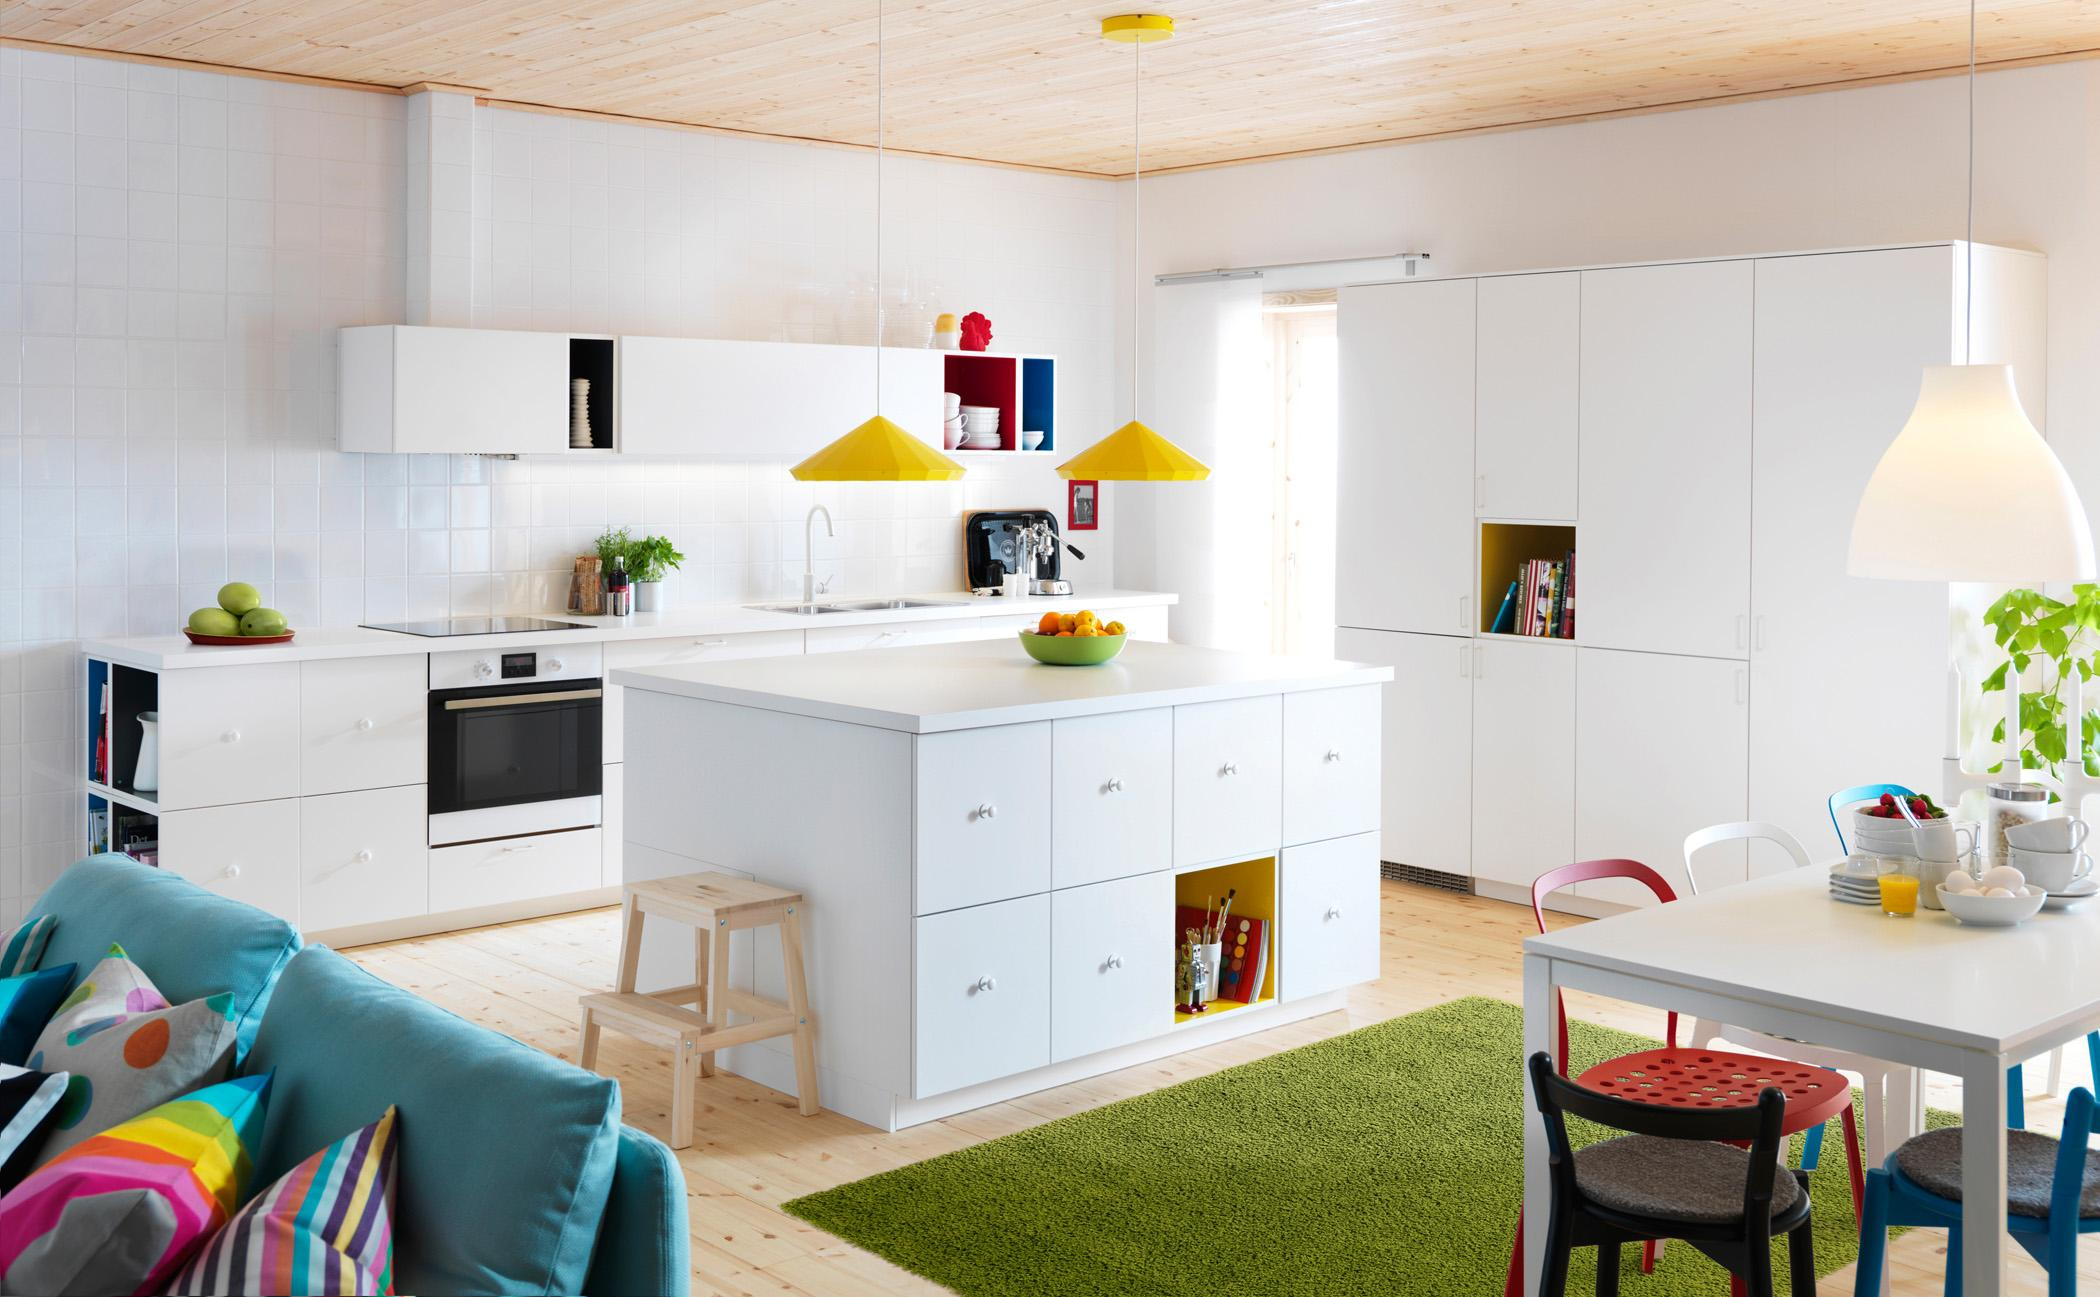 Farbenvielfalt In Der Kche Teppich Esstisch Hngeschrank Schrank Ikea Pendelleuchte